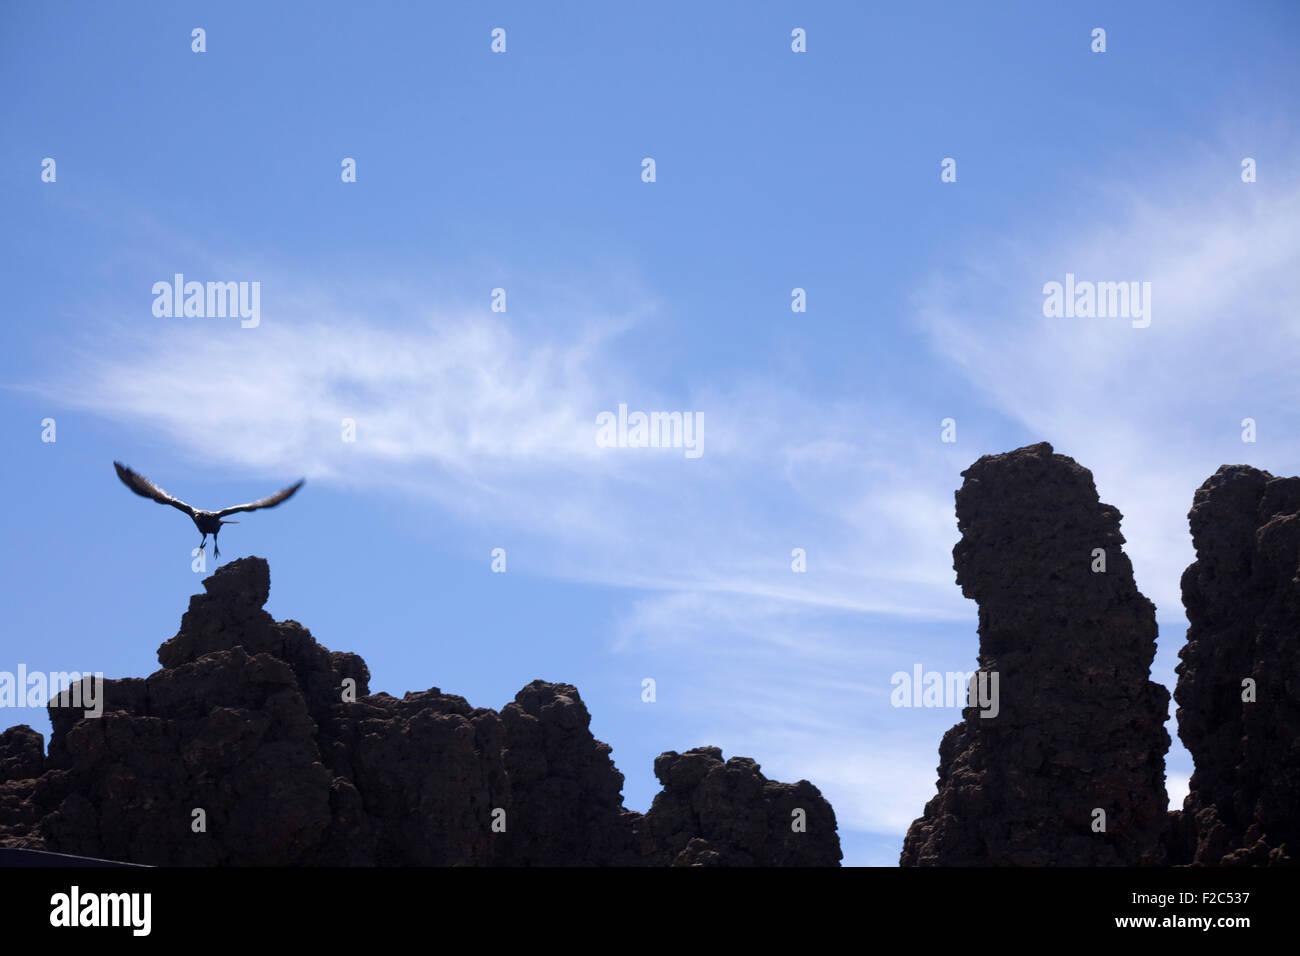 Rabe auf der Suche der Roque de Los Muchachos, La Palma, Kanarische Inseln, Spanien Stockbild